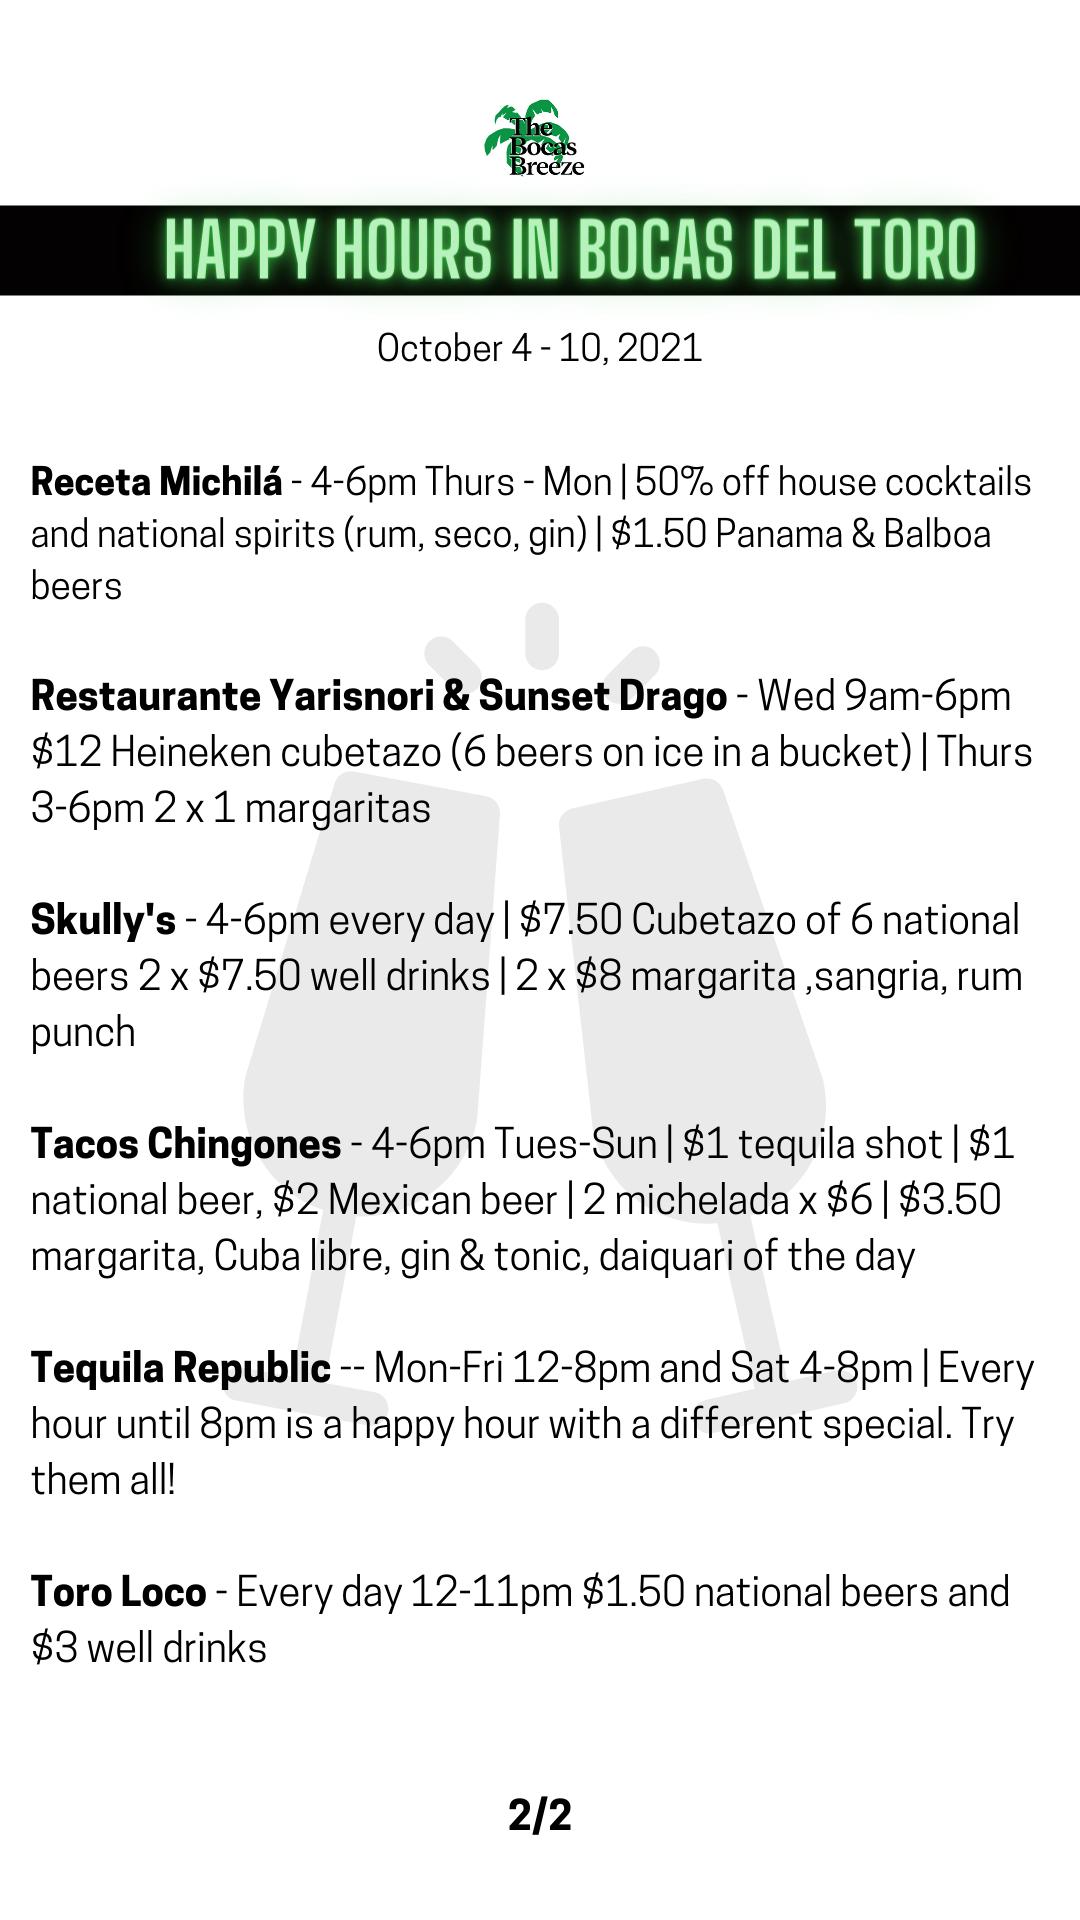 list of happy hours in bocas del toro